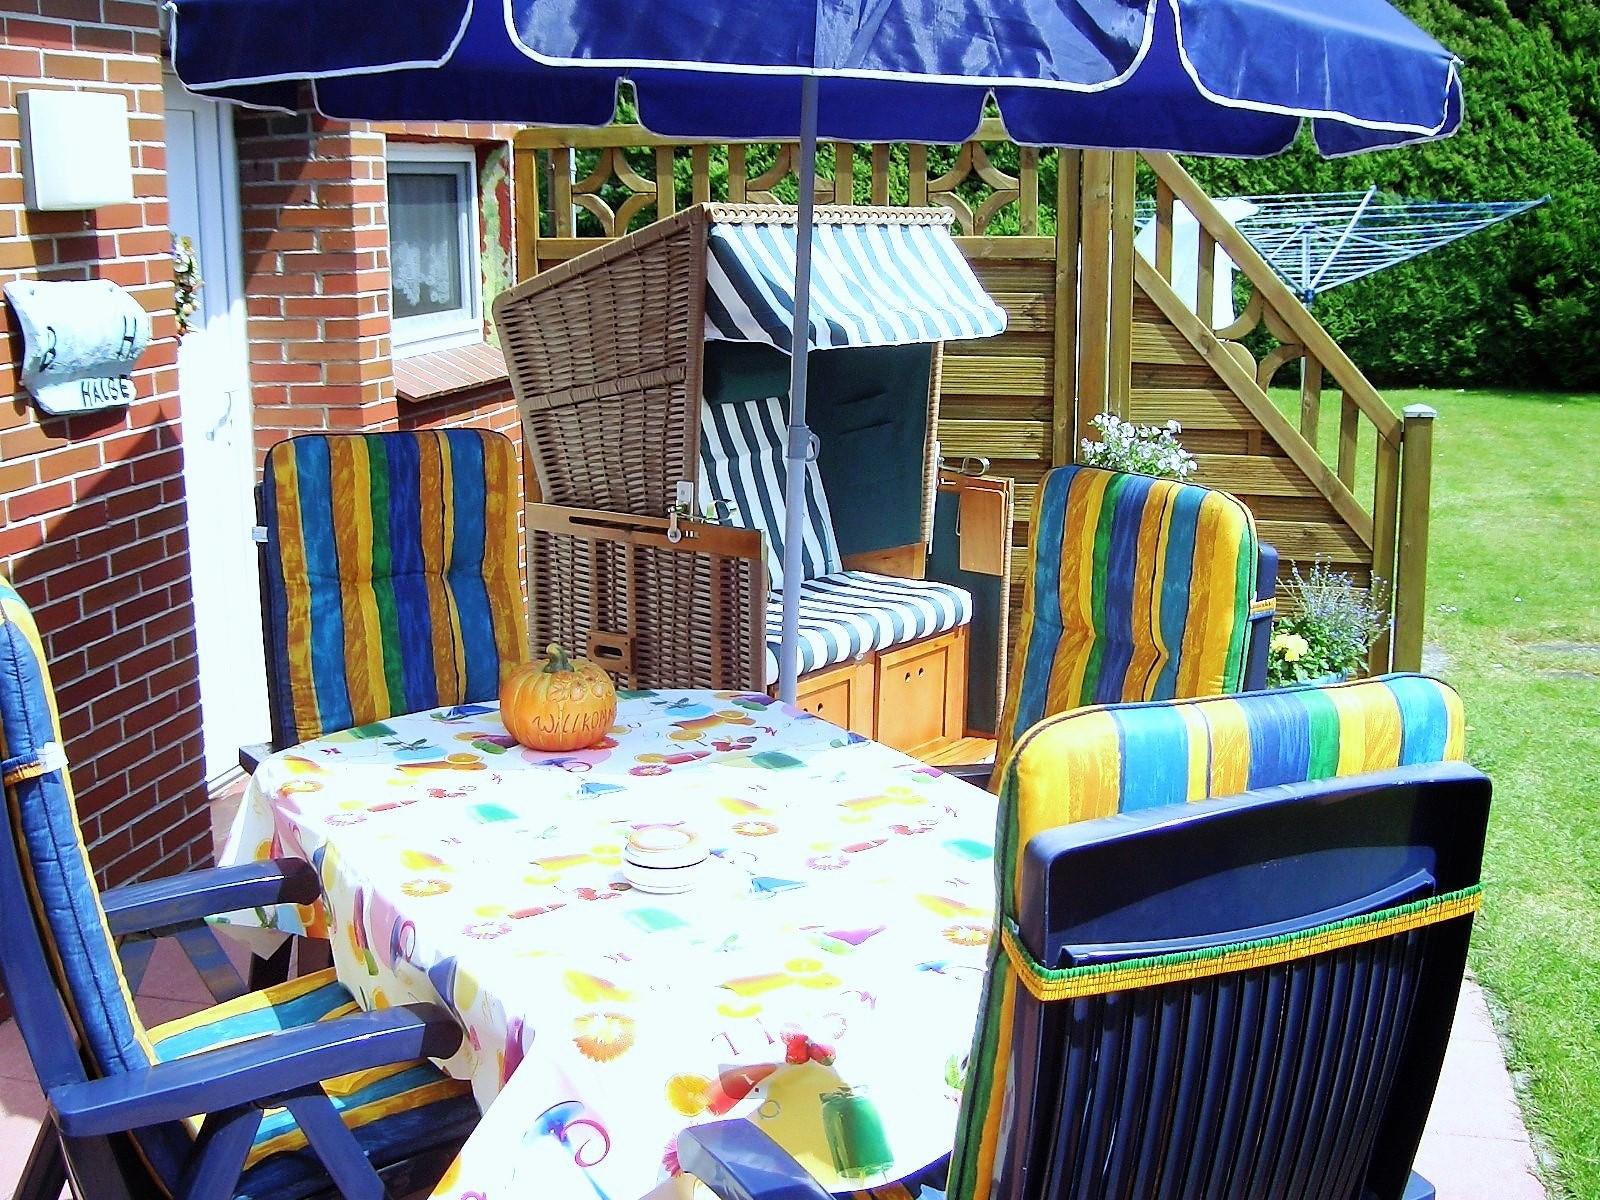 Foto von der Terrasse mit Sitzecke zum Entspannen